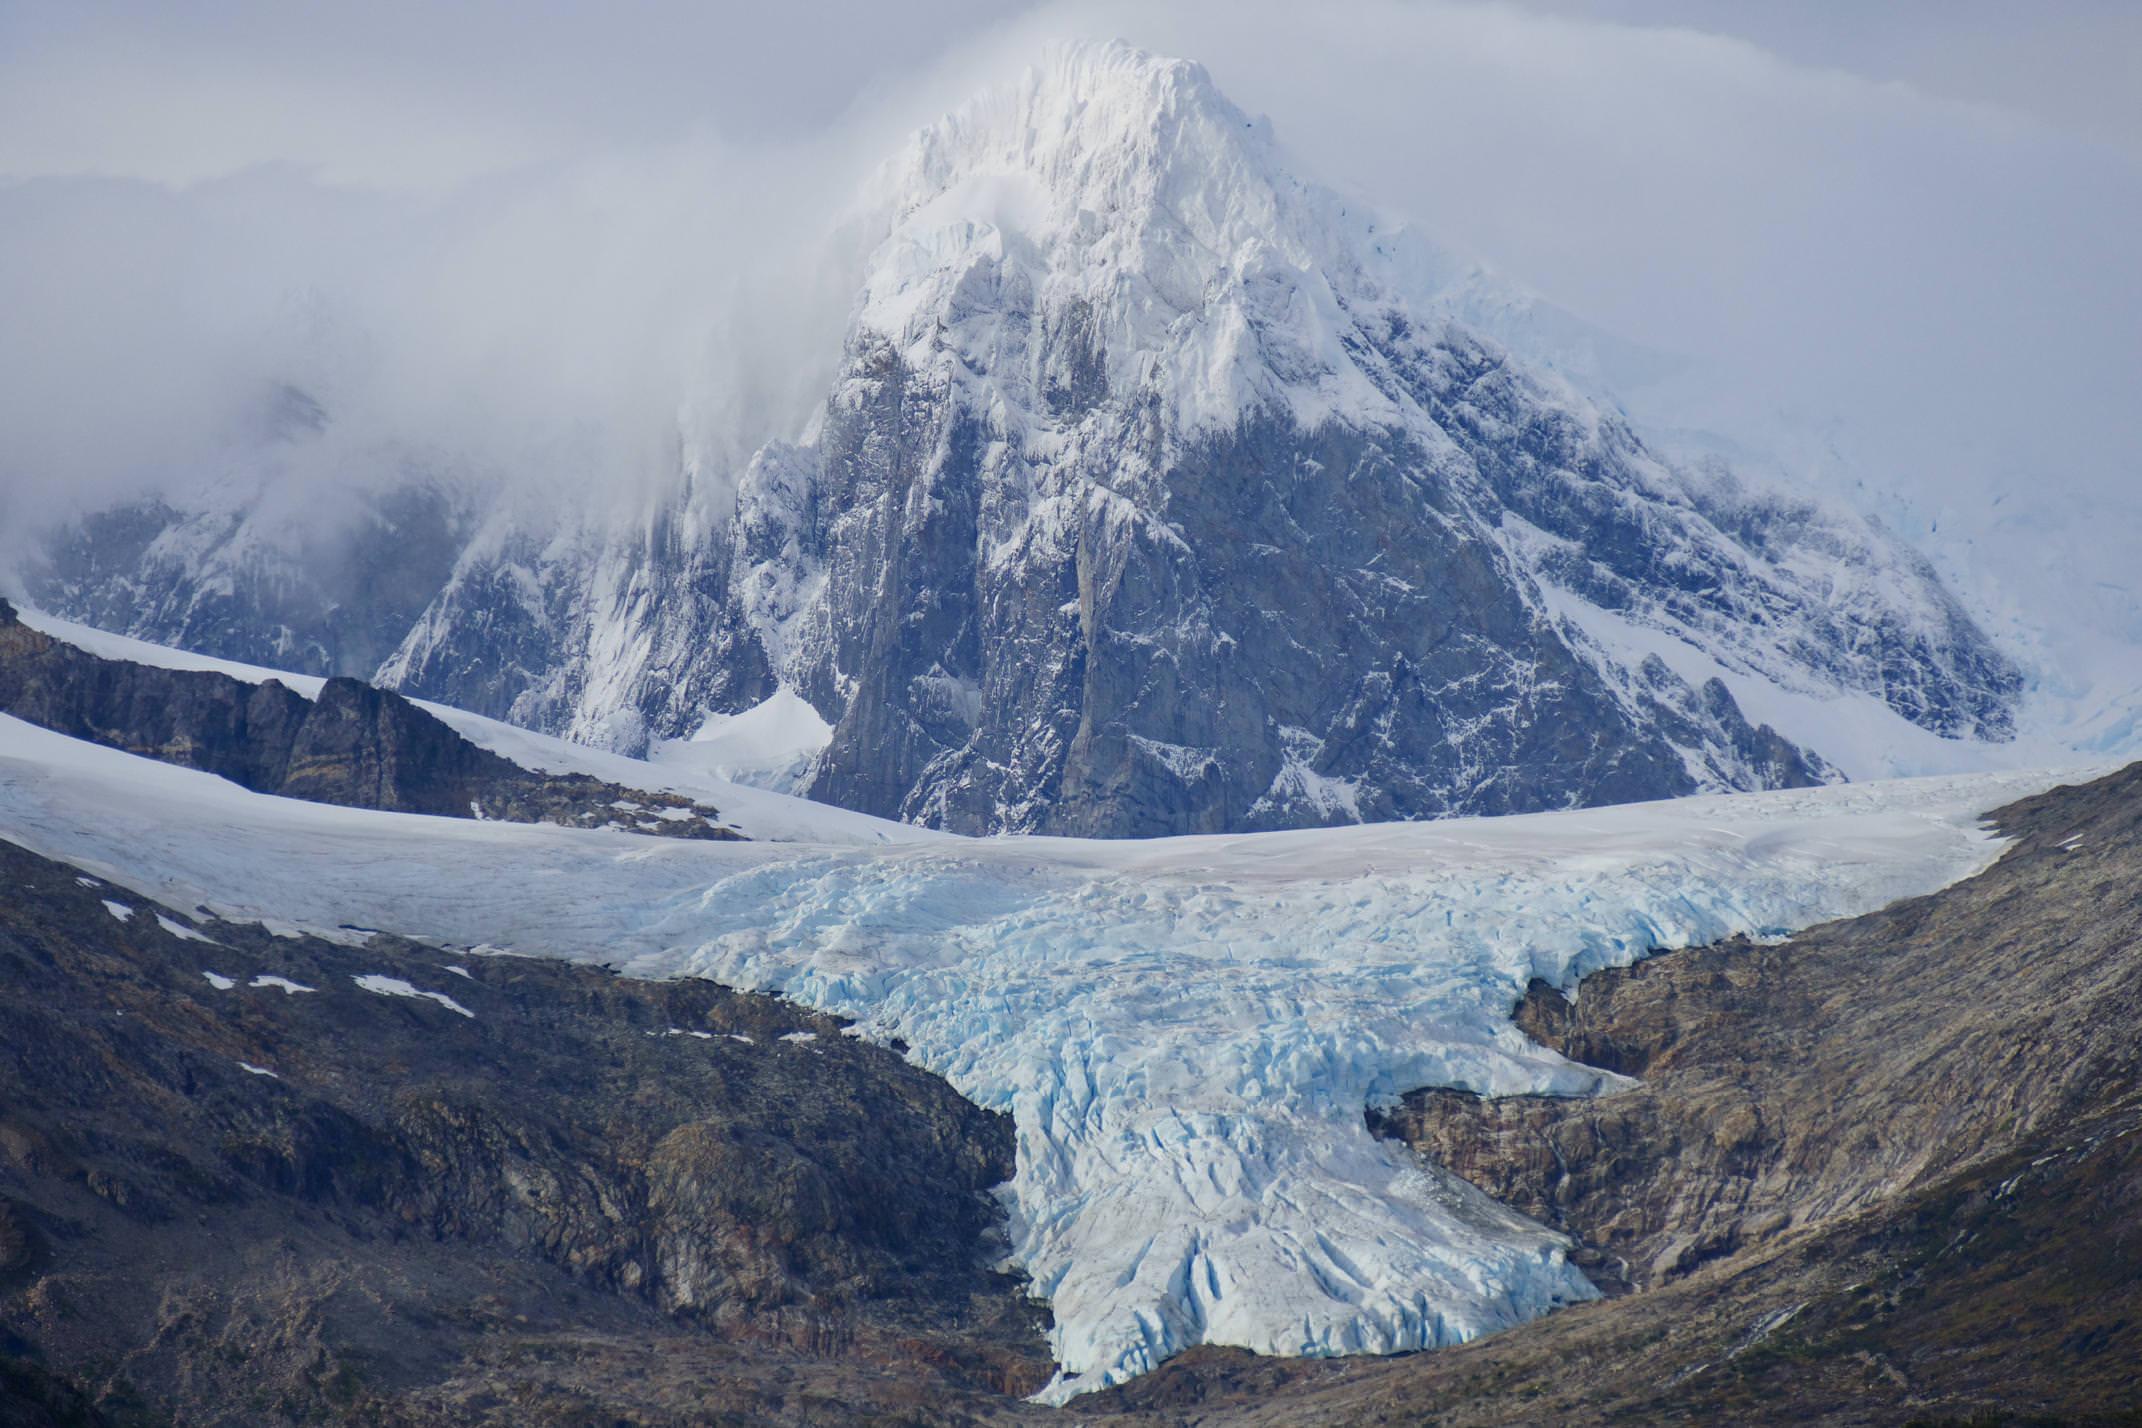 Chile beagle channel australis glacier frances c pura aventura thomas power P1330112